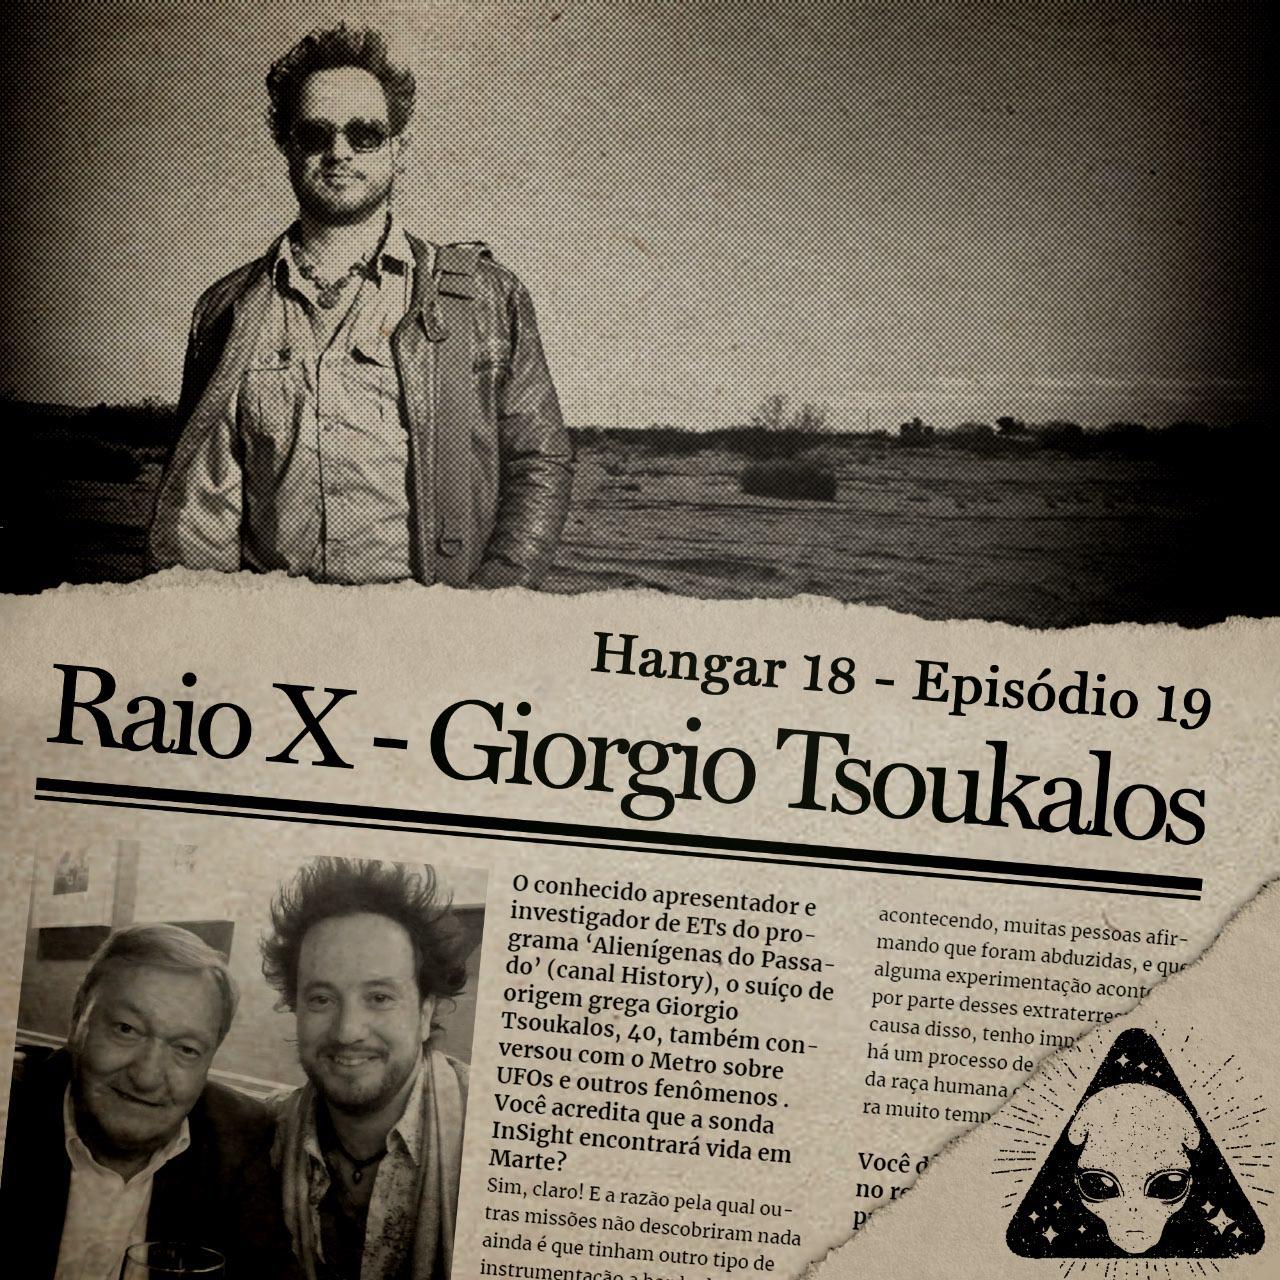 Hangar 18 - Ep 019 - Raio X: Giorgio Tsoukalos